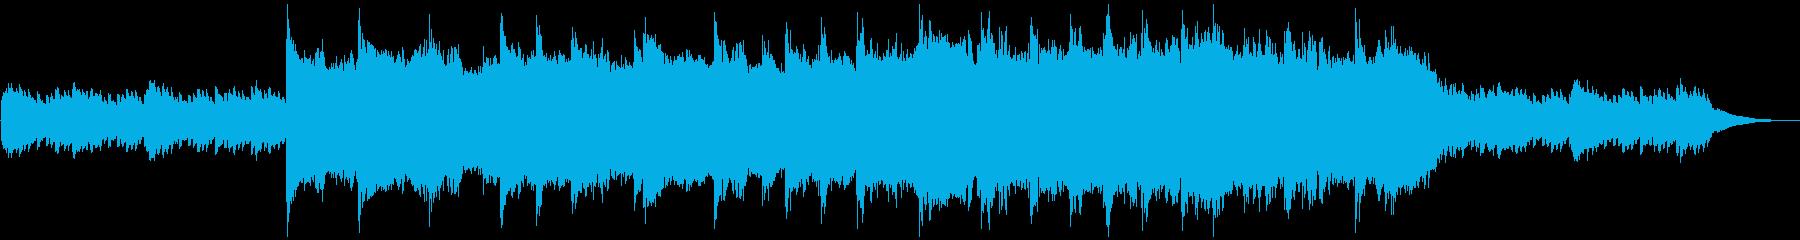 幻想的な映像に合うエレクトロニカの再生済みの波形